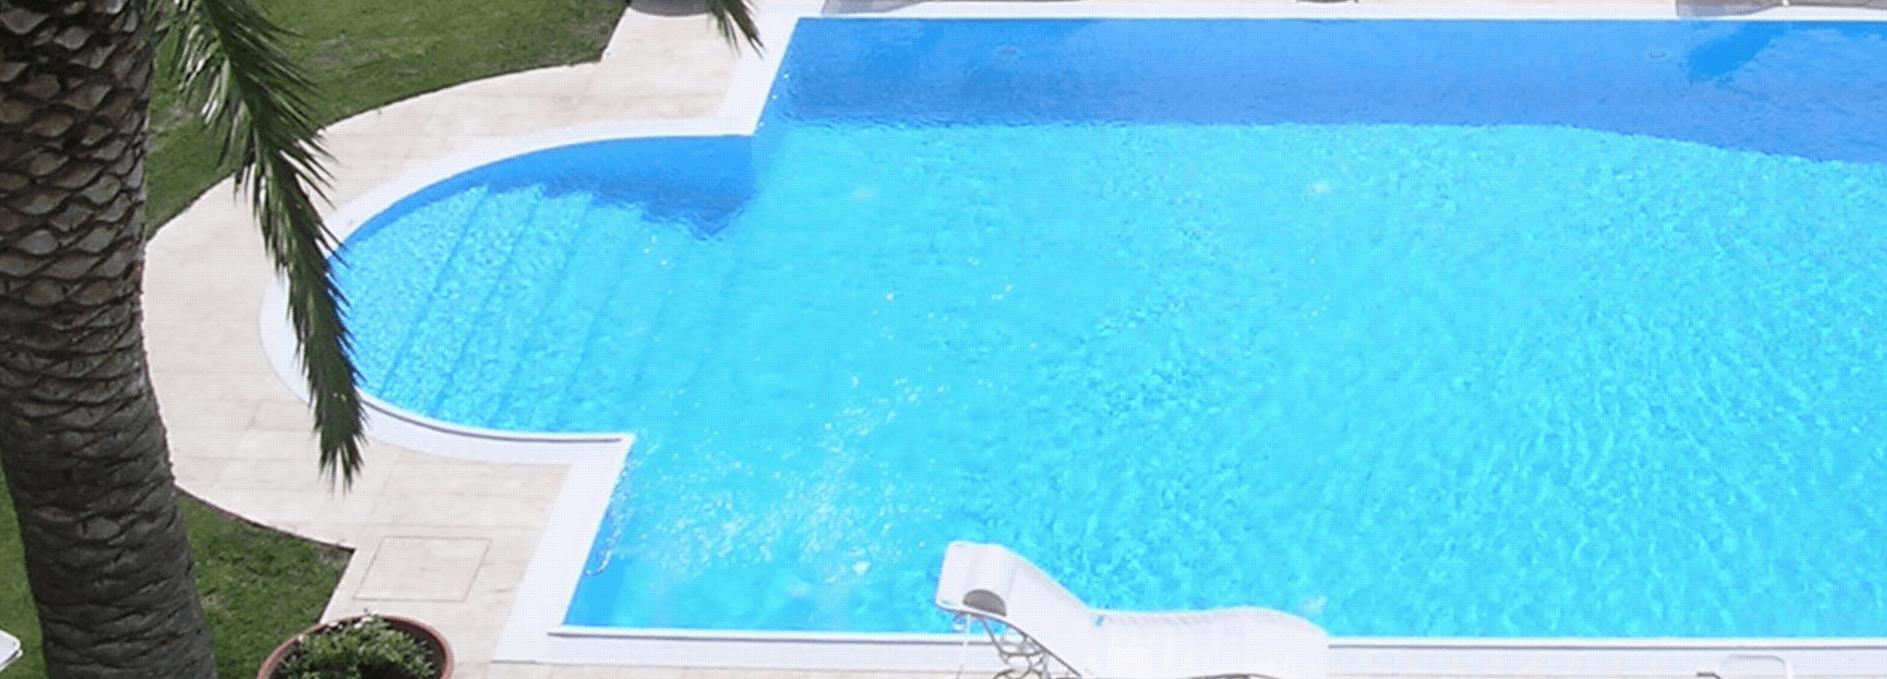 limpida piscina in mezzo a un giardino